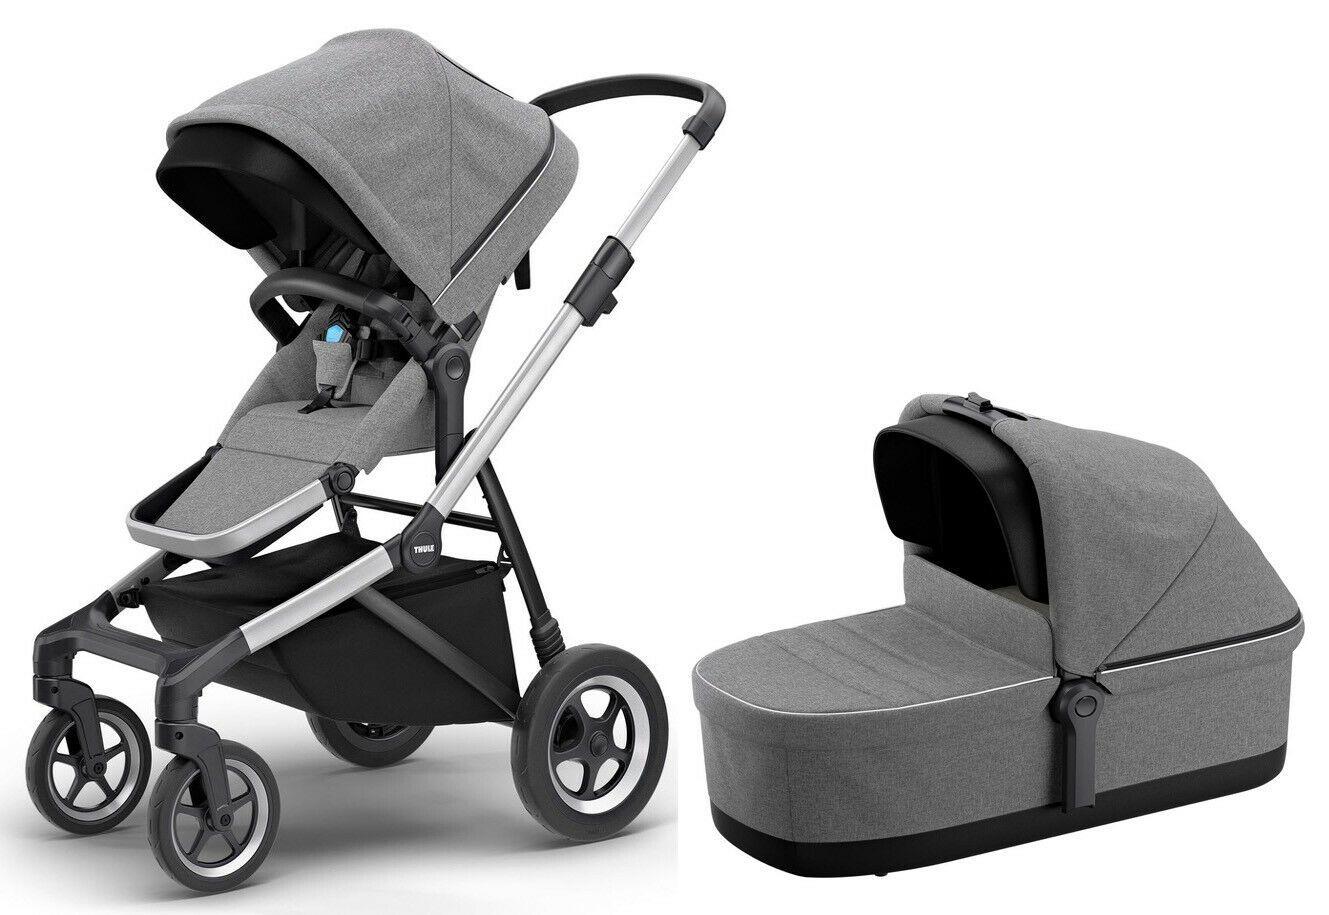 Thule Sleek Lightweight Pram System Double Stroller w